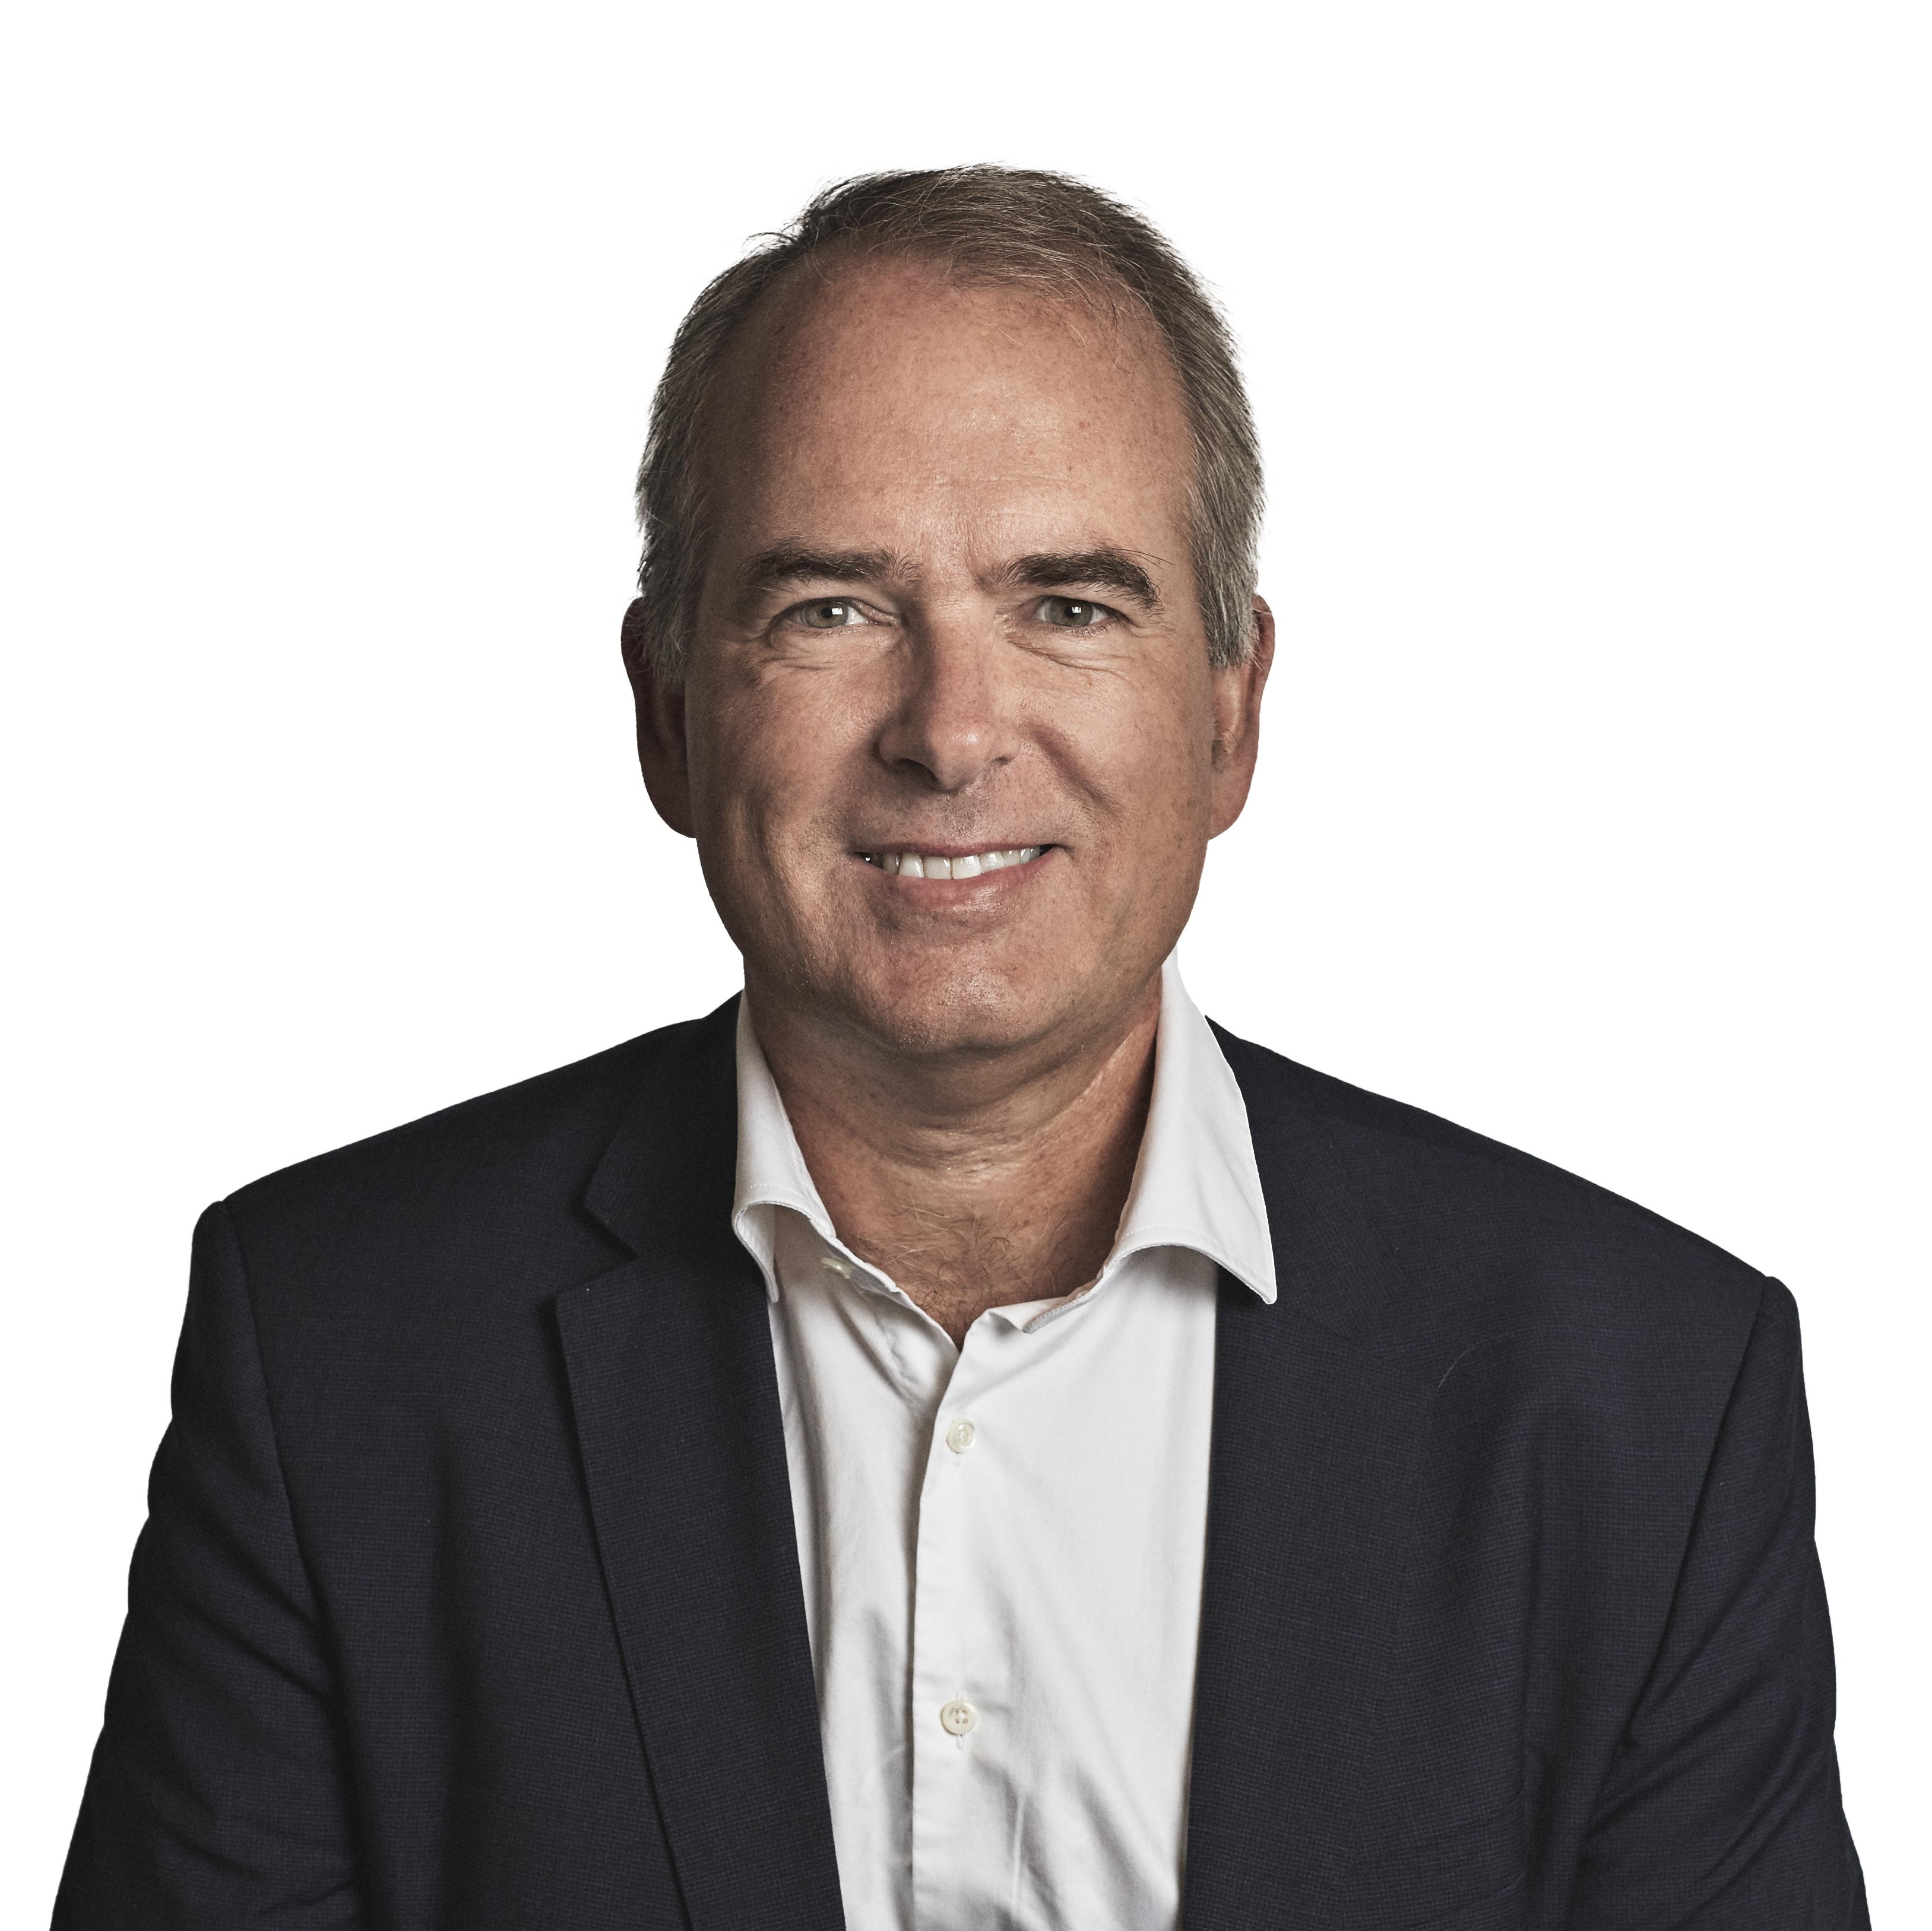 Tomas Anker Christensen